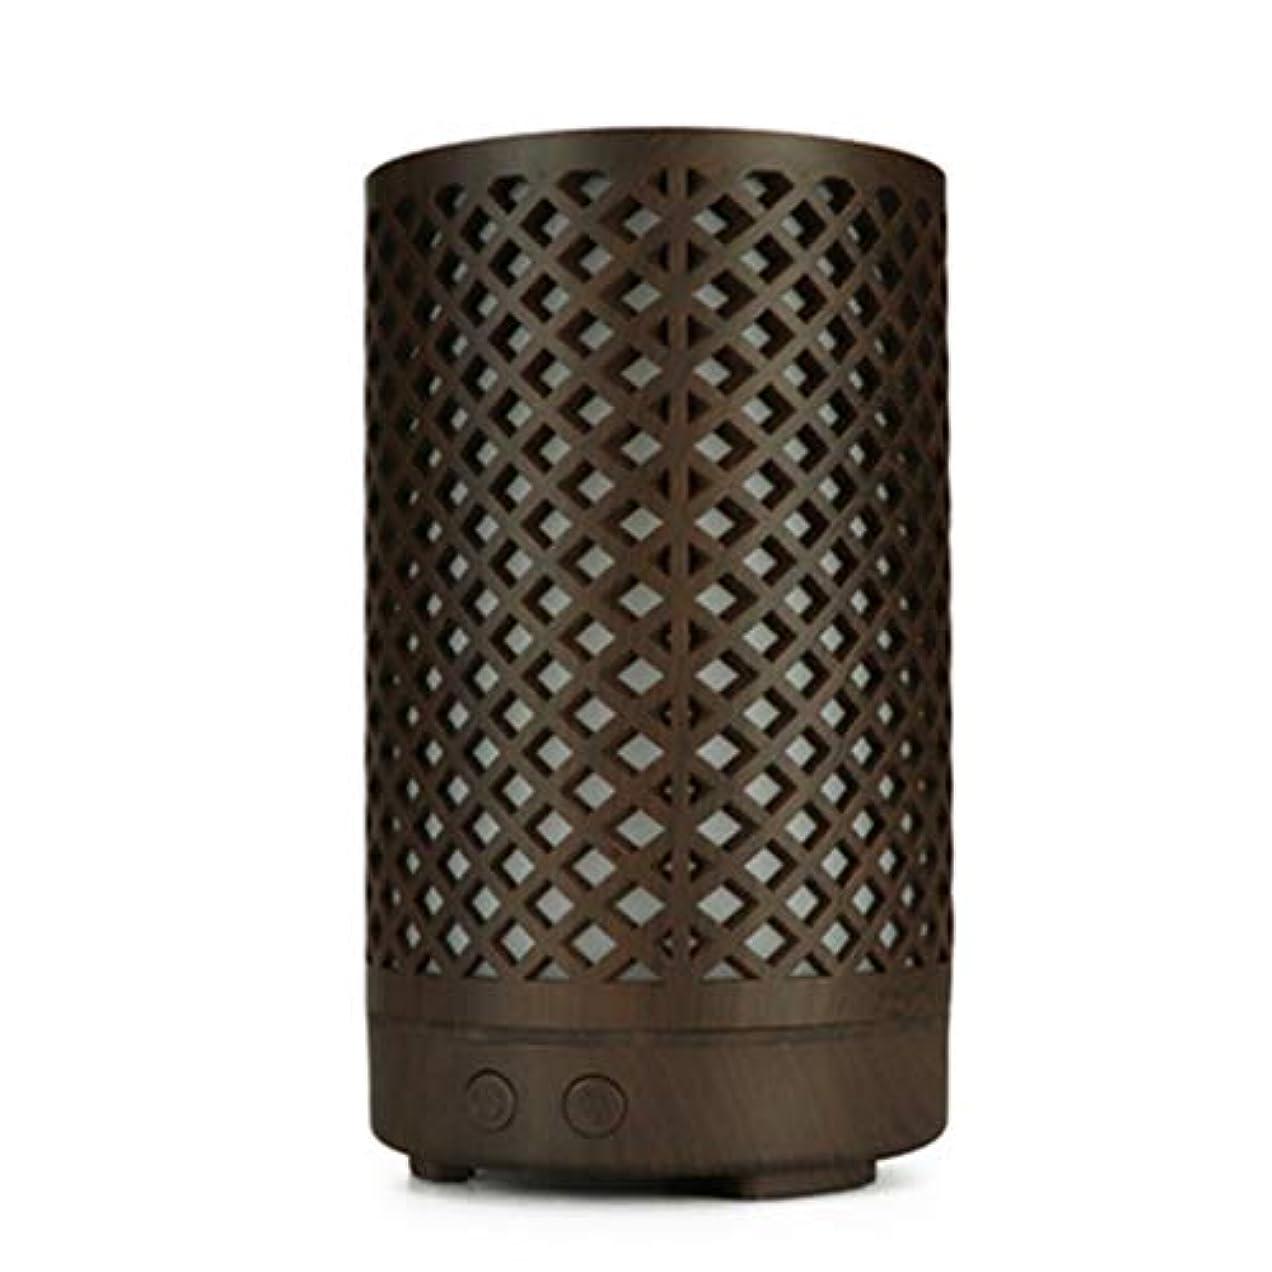 素晴らしい良い多くの七時半ベーコン木目加湿器家庭用100ミリリットルミニデスクトップカラフルなアロマテラピーマシン (Color : Dark wood grain)